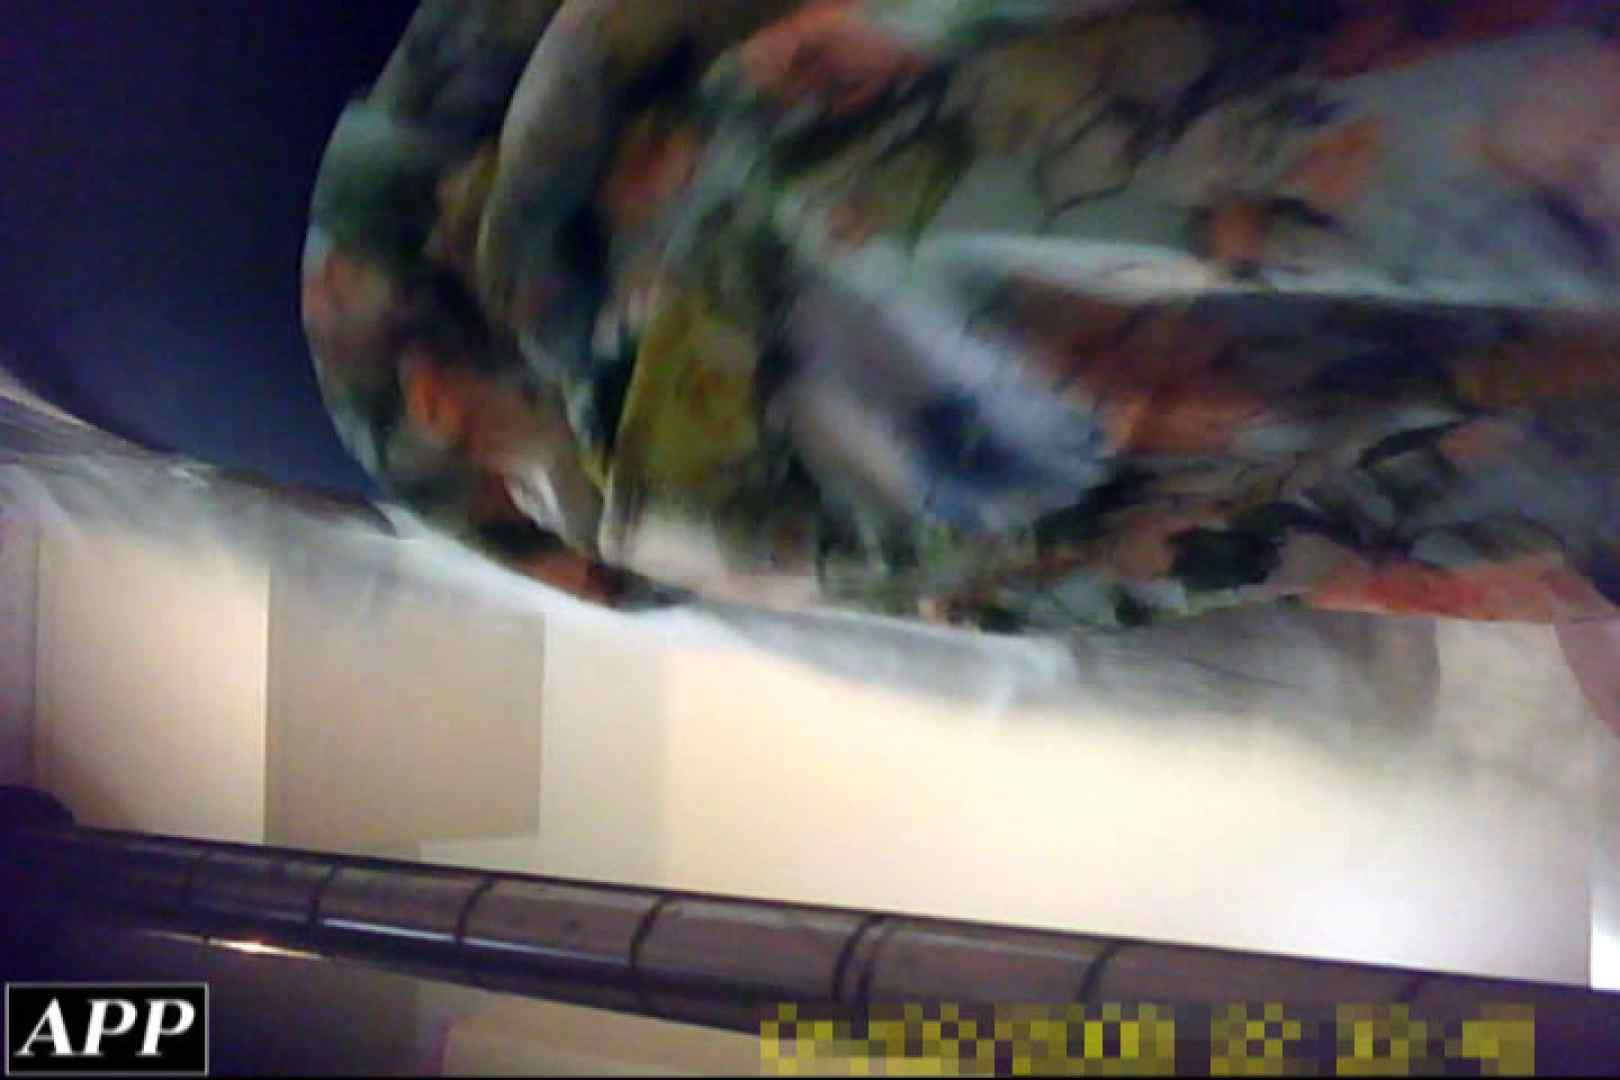 3視点洗面所 vol.111 オマンコ | マンコ  60pic 16